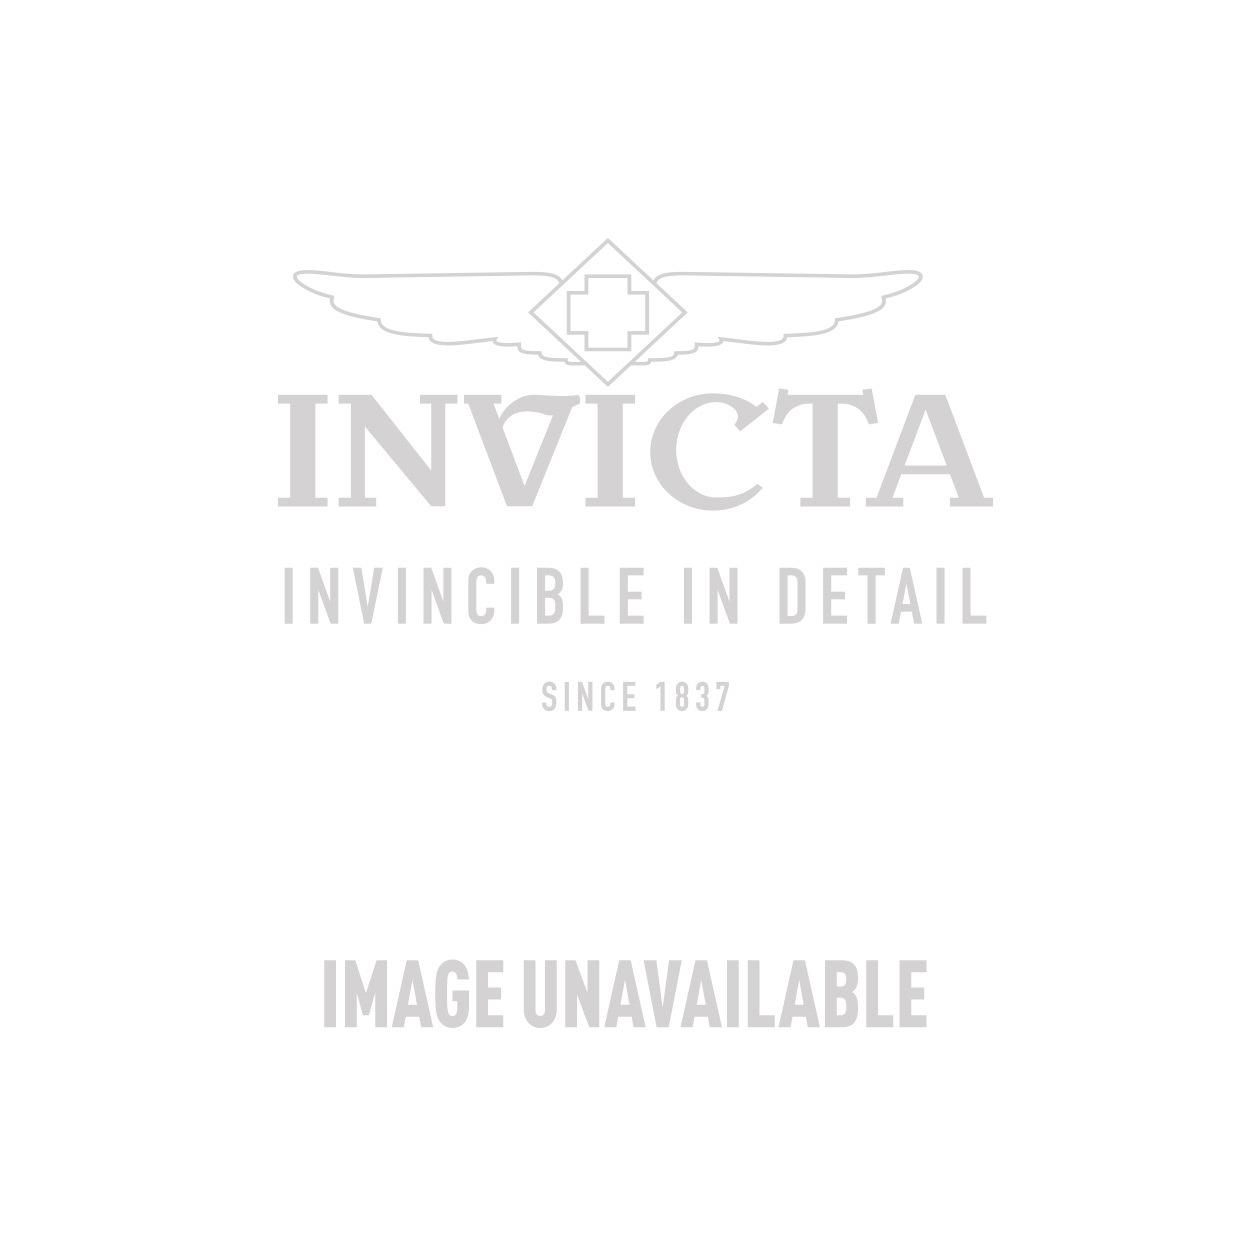 INVICTA Jewelry Divina Earrings None 10 Silver 925 Rhodium - Model J0031